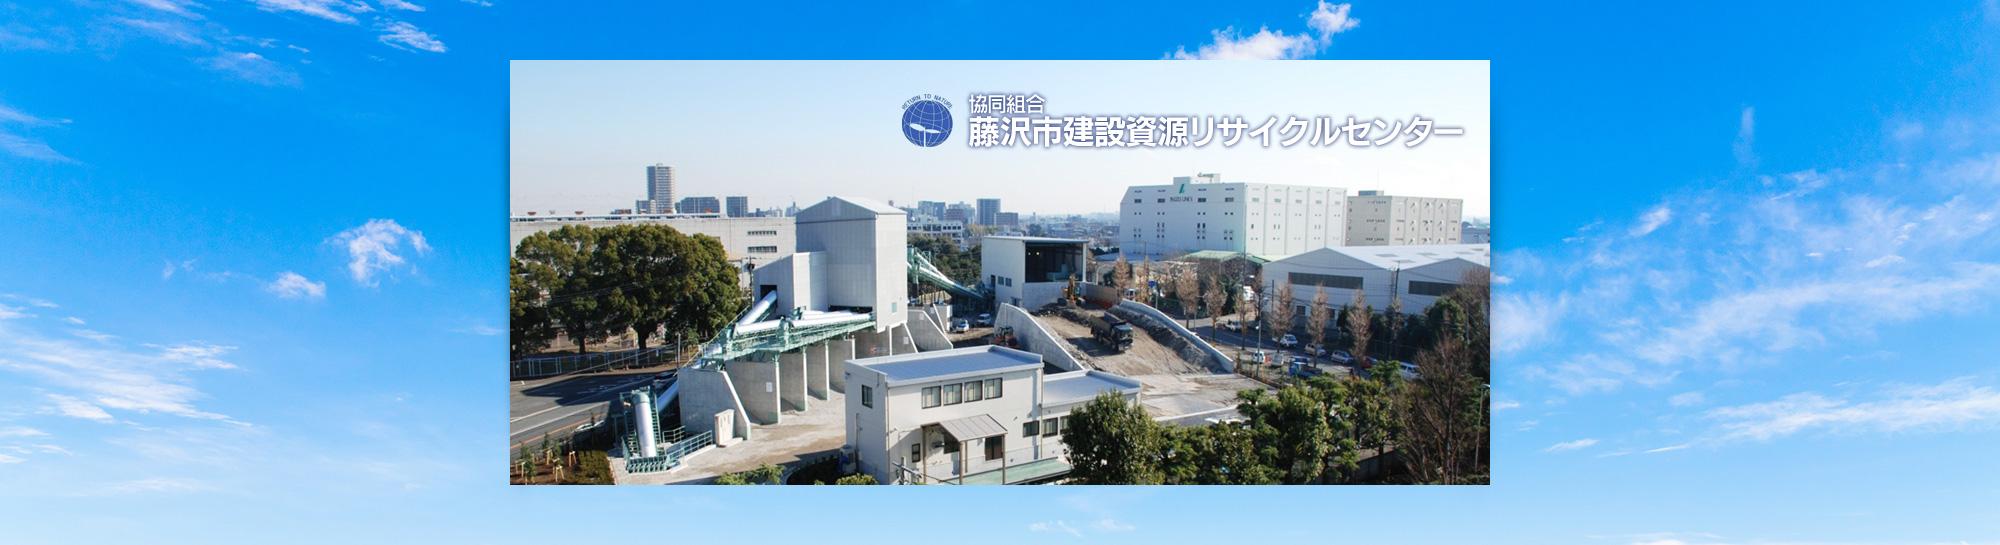 協同組合藤沢市建設資材リサイクルセンター